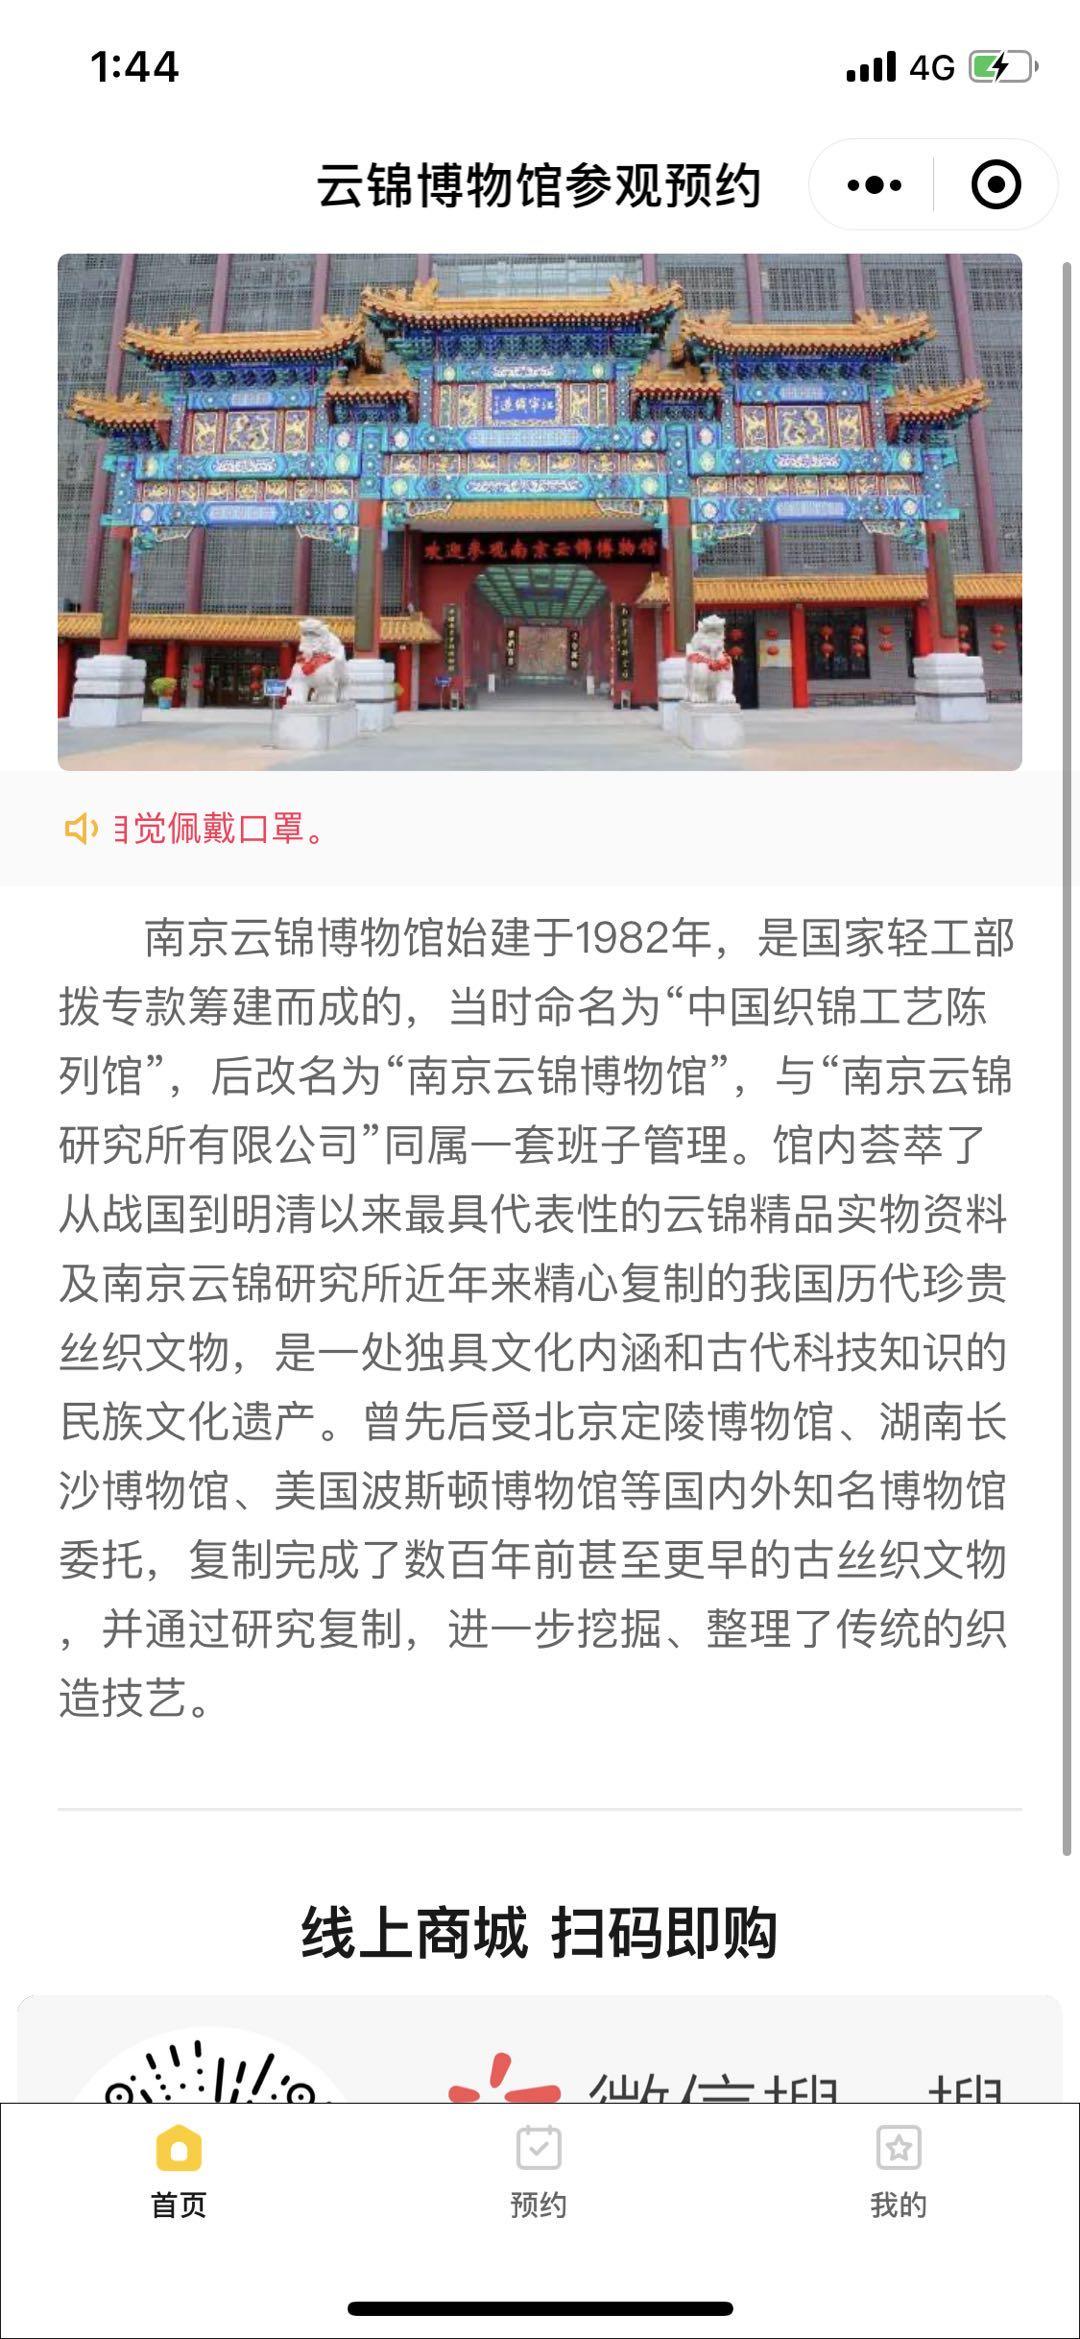 微信云锦博物馆参观预约小程序效果图预览